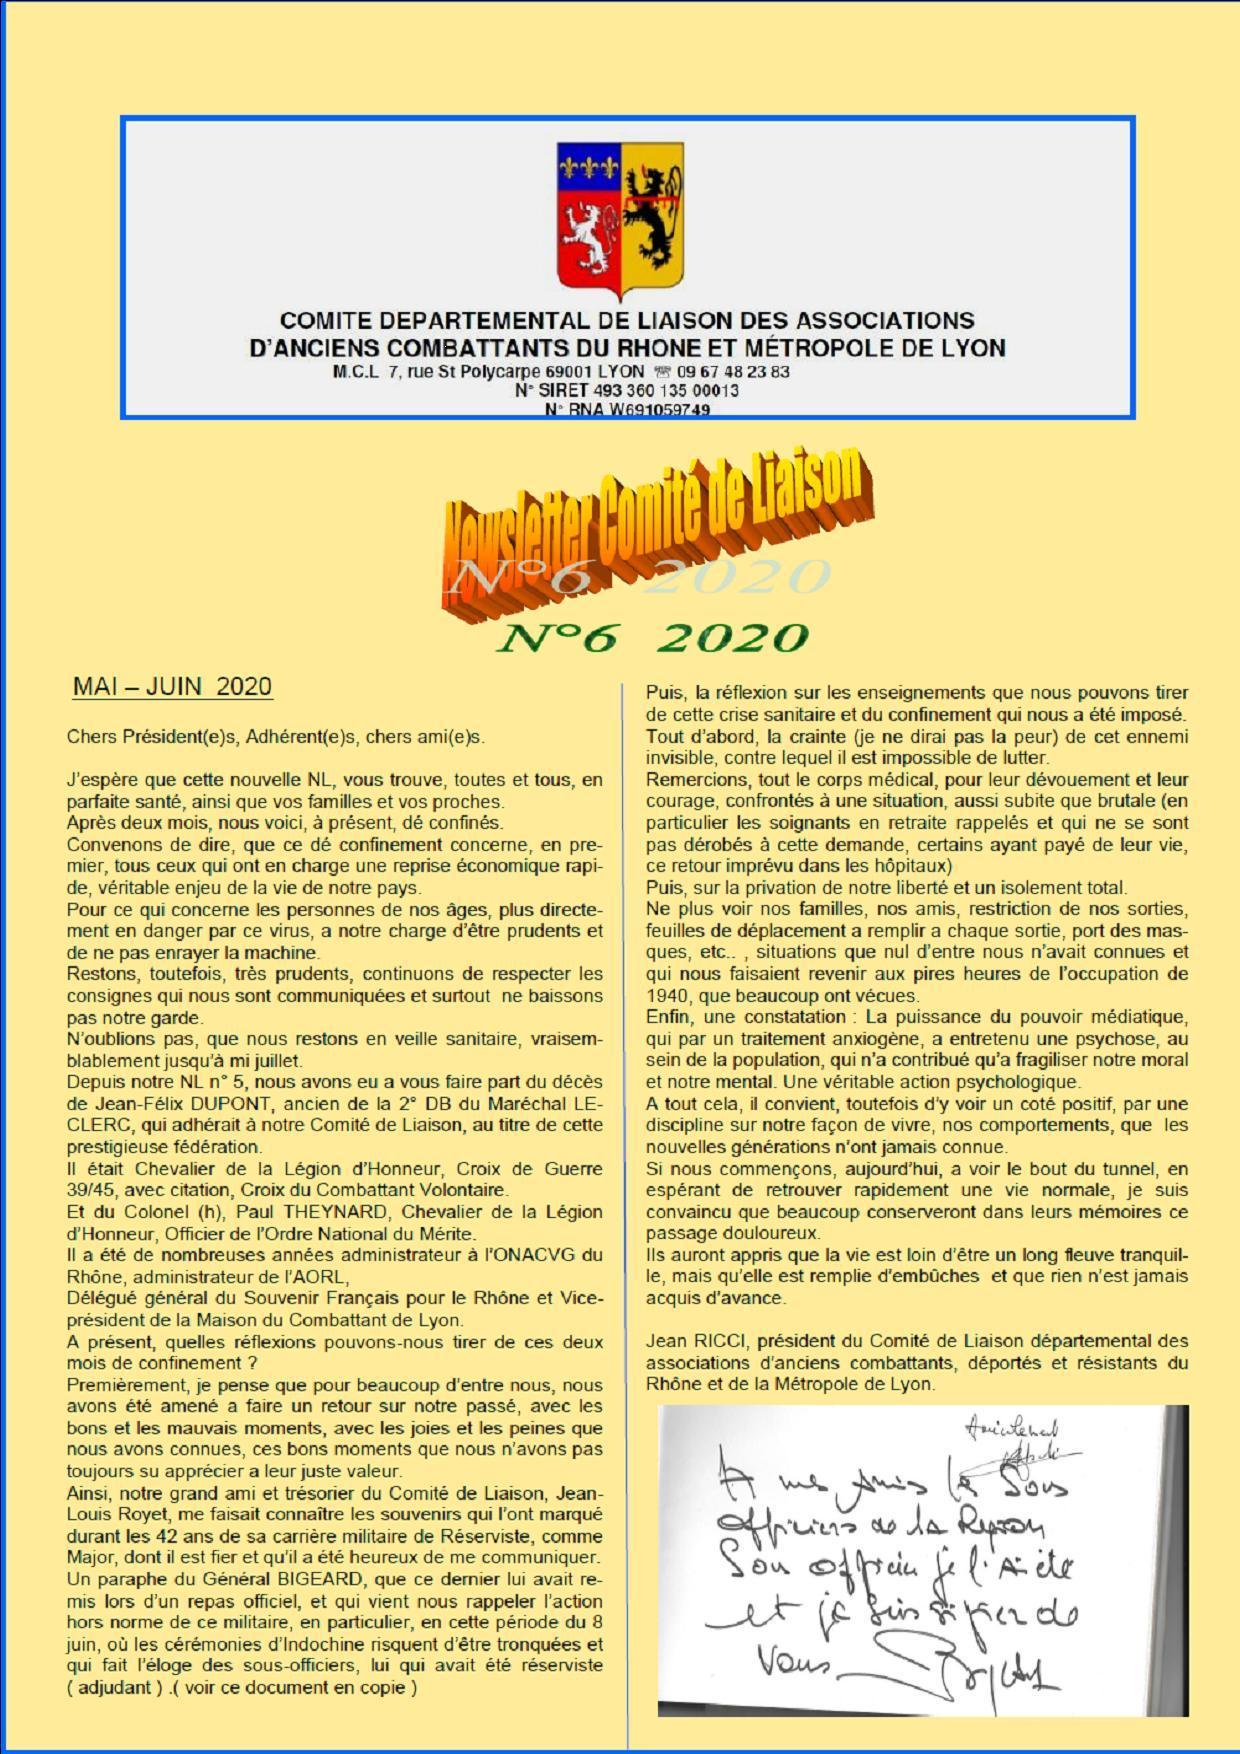 Newsletter n 6